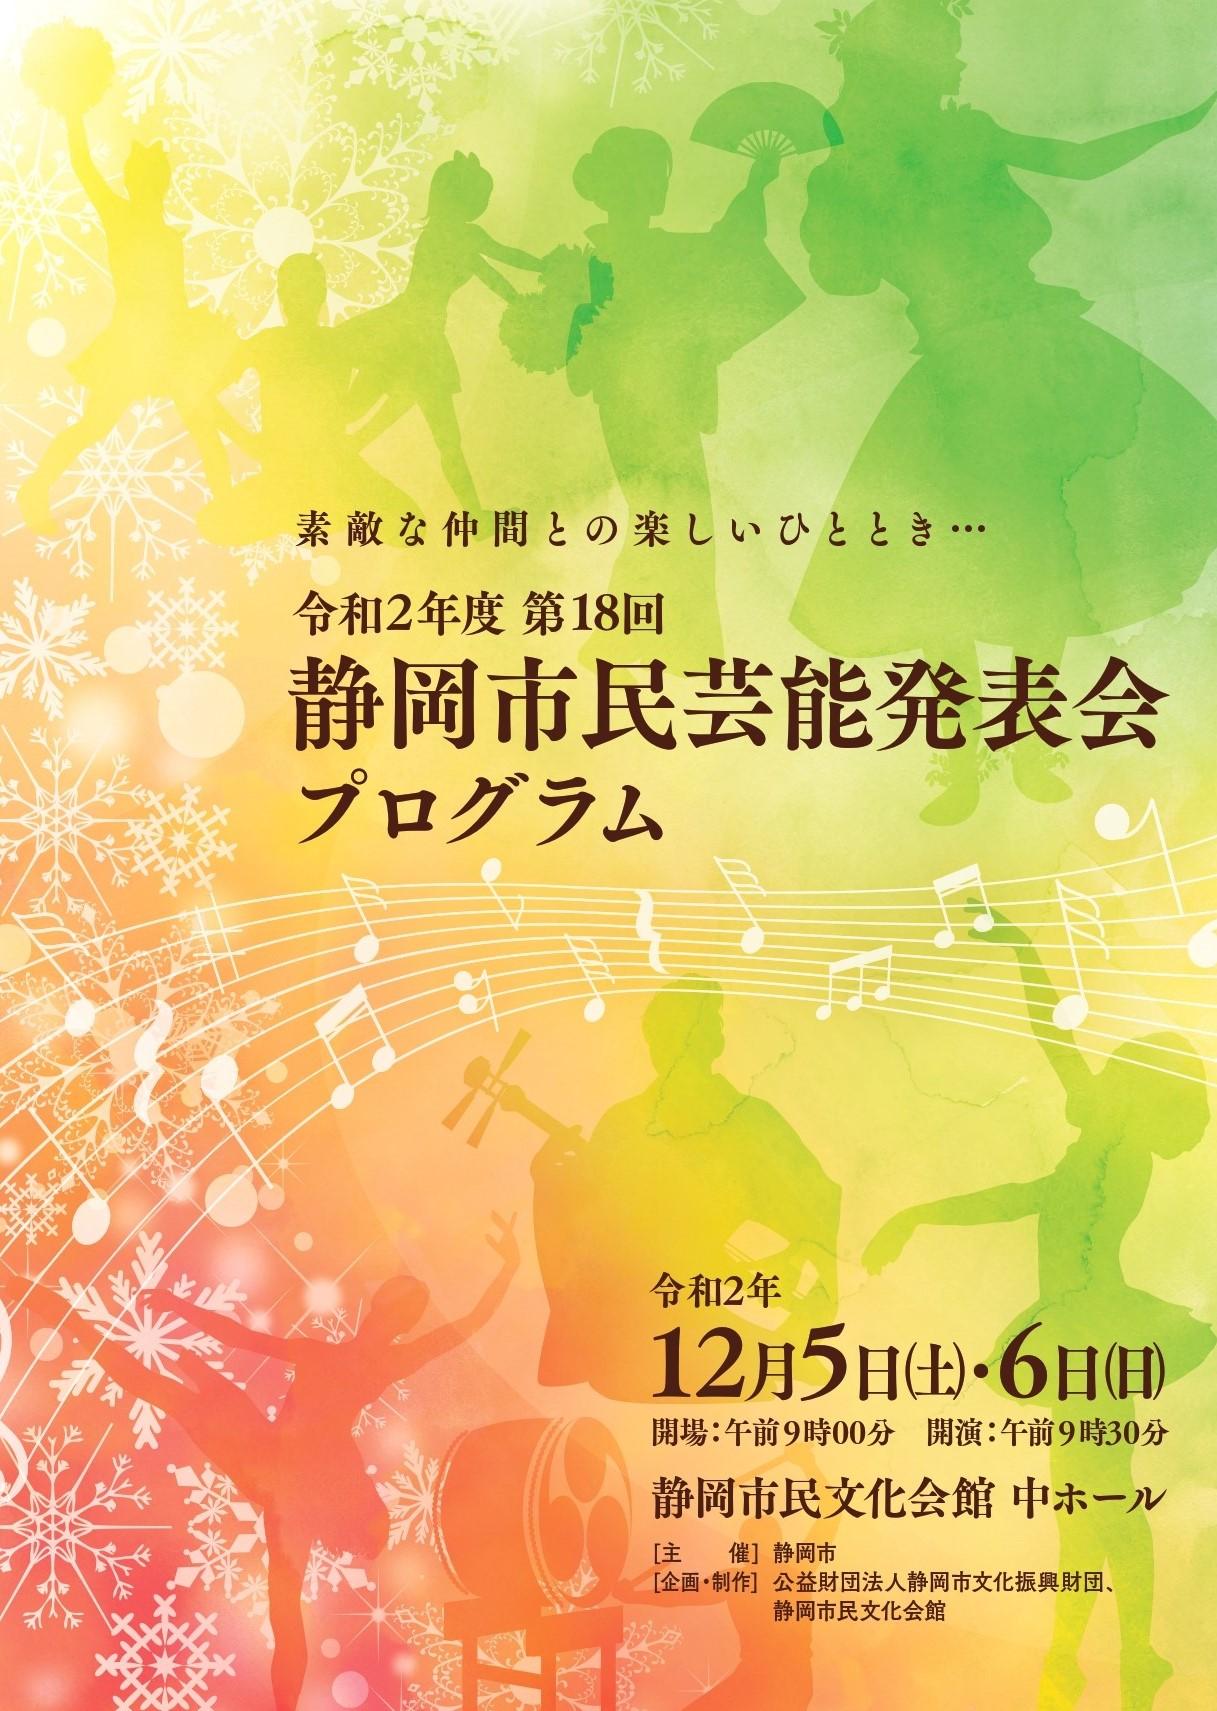 芸能発表プログラム2020 パンフ画像